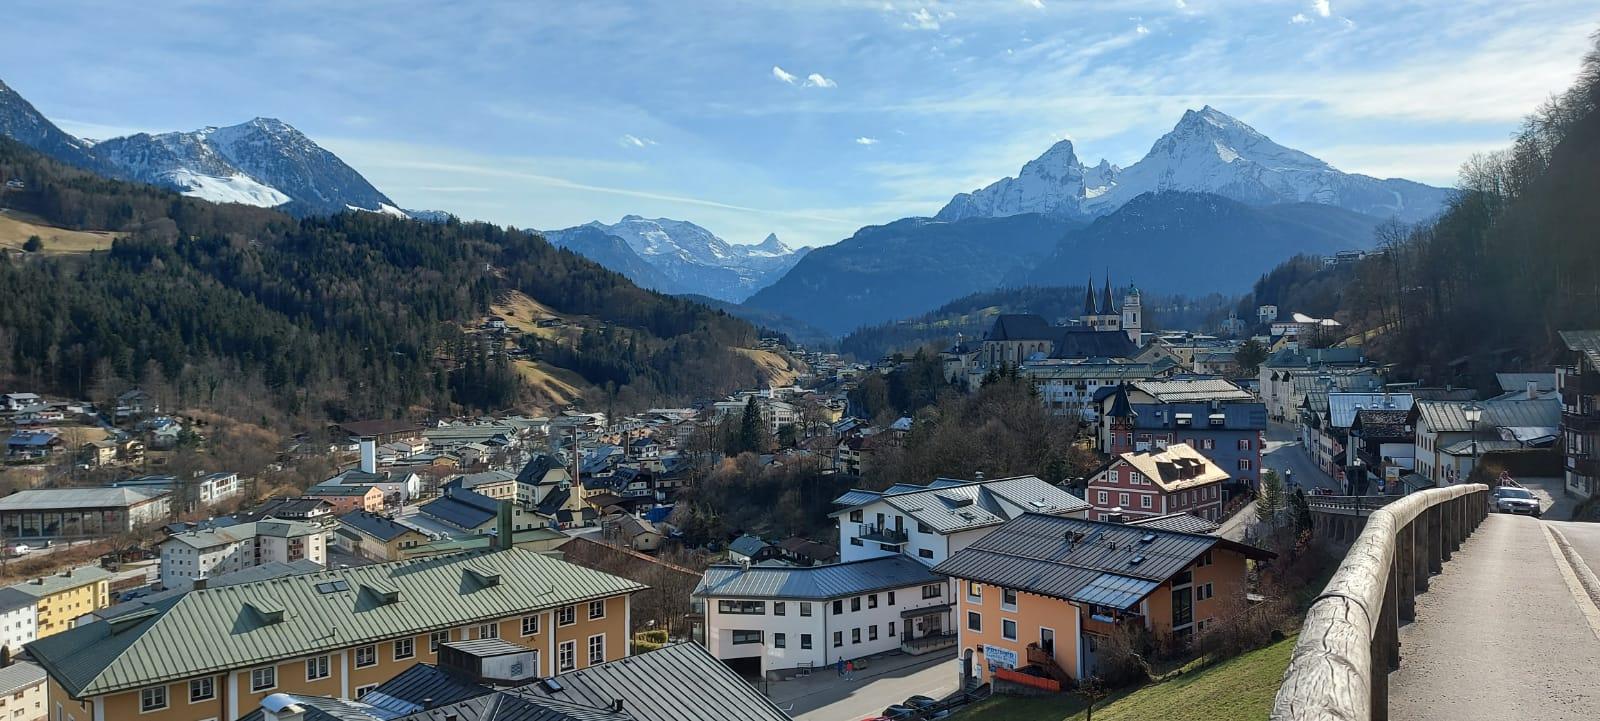 Schnitzeljagd und Stadführung in Berchtesgaden